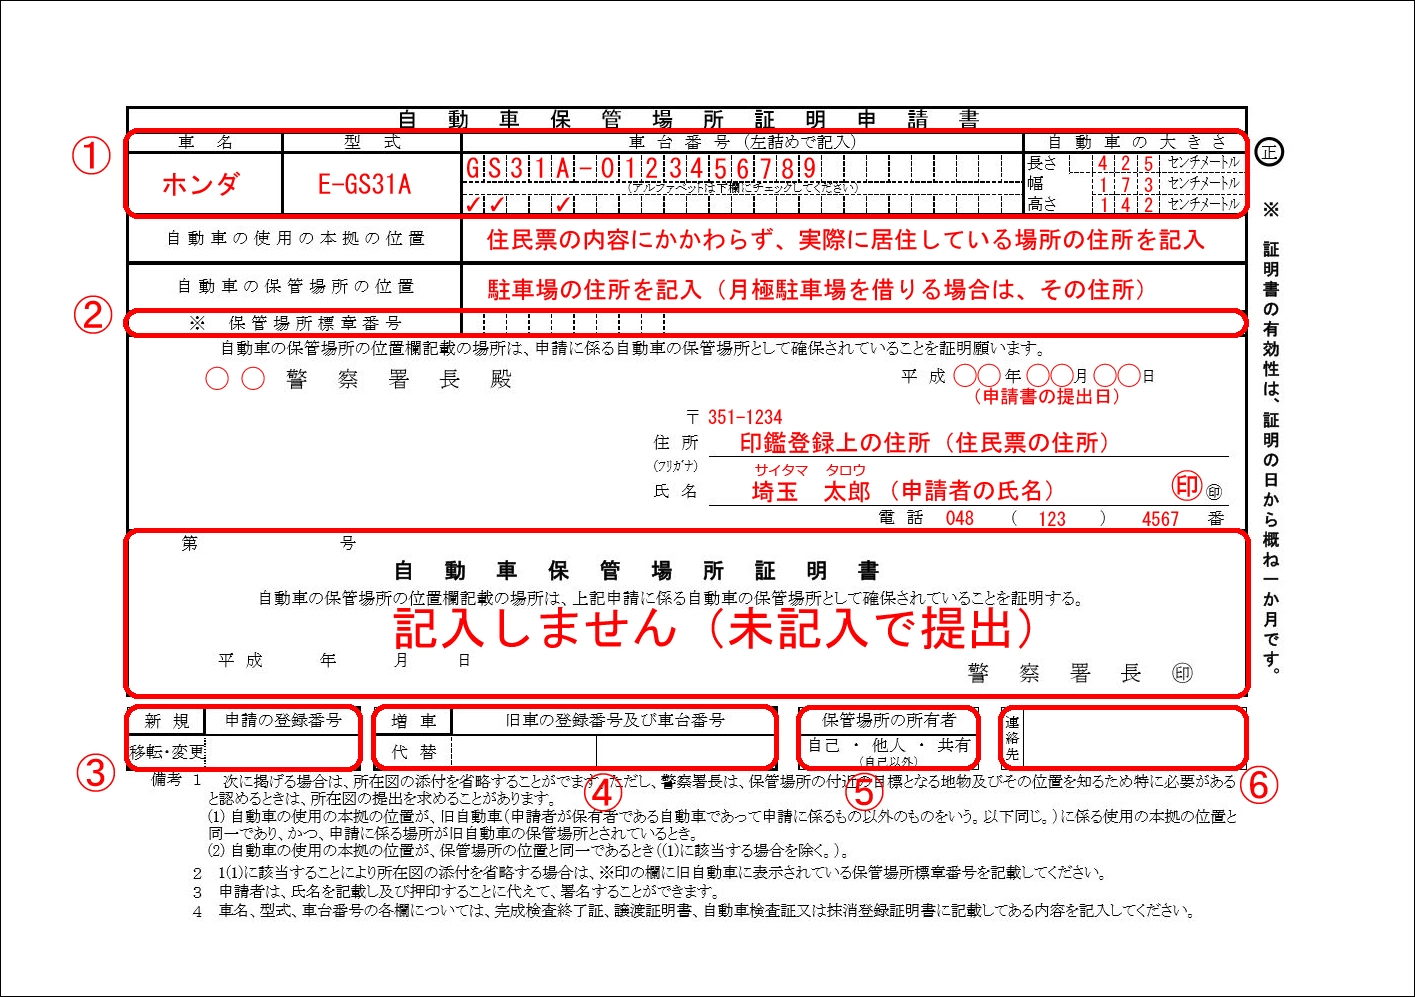 道路使用許可申請書 - 兵庫県警察